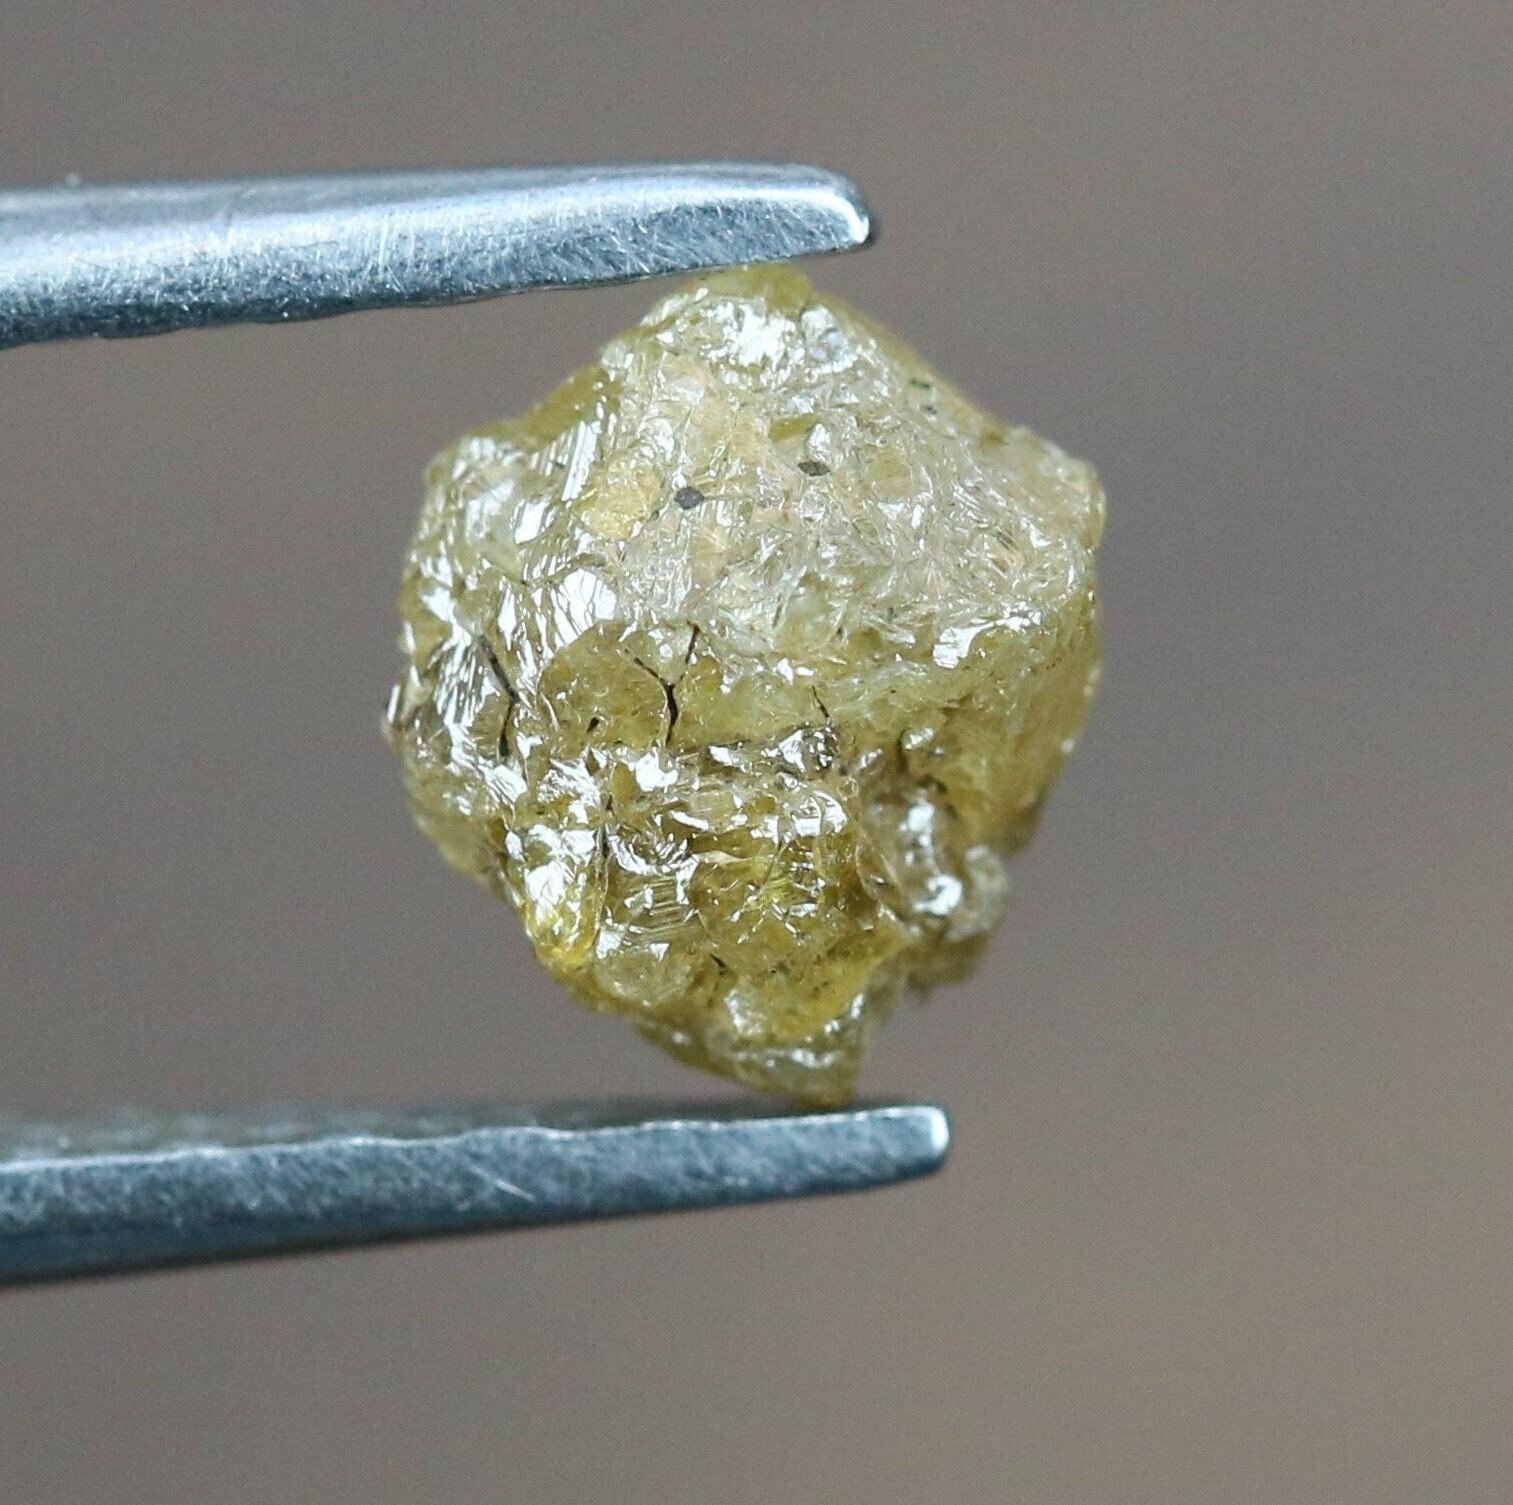 0,70 carat diamant diamant diamant noir jaune couleur africaine brut fecc6e